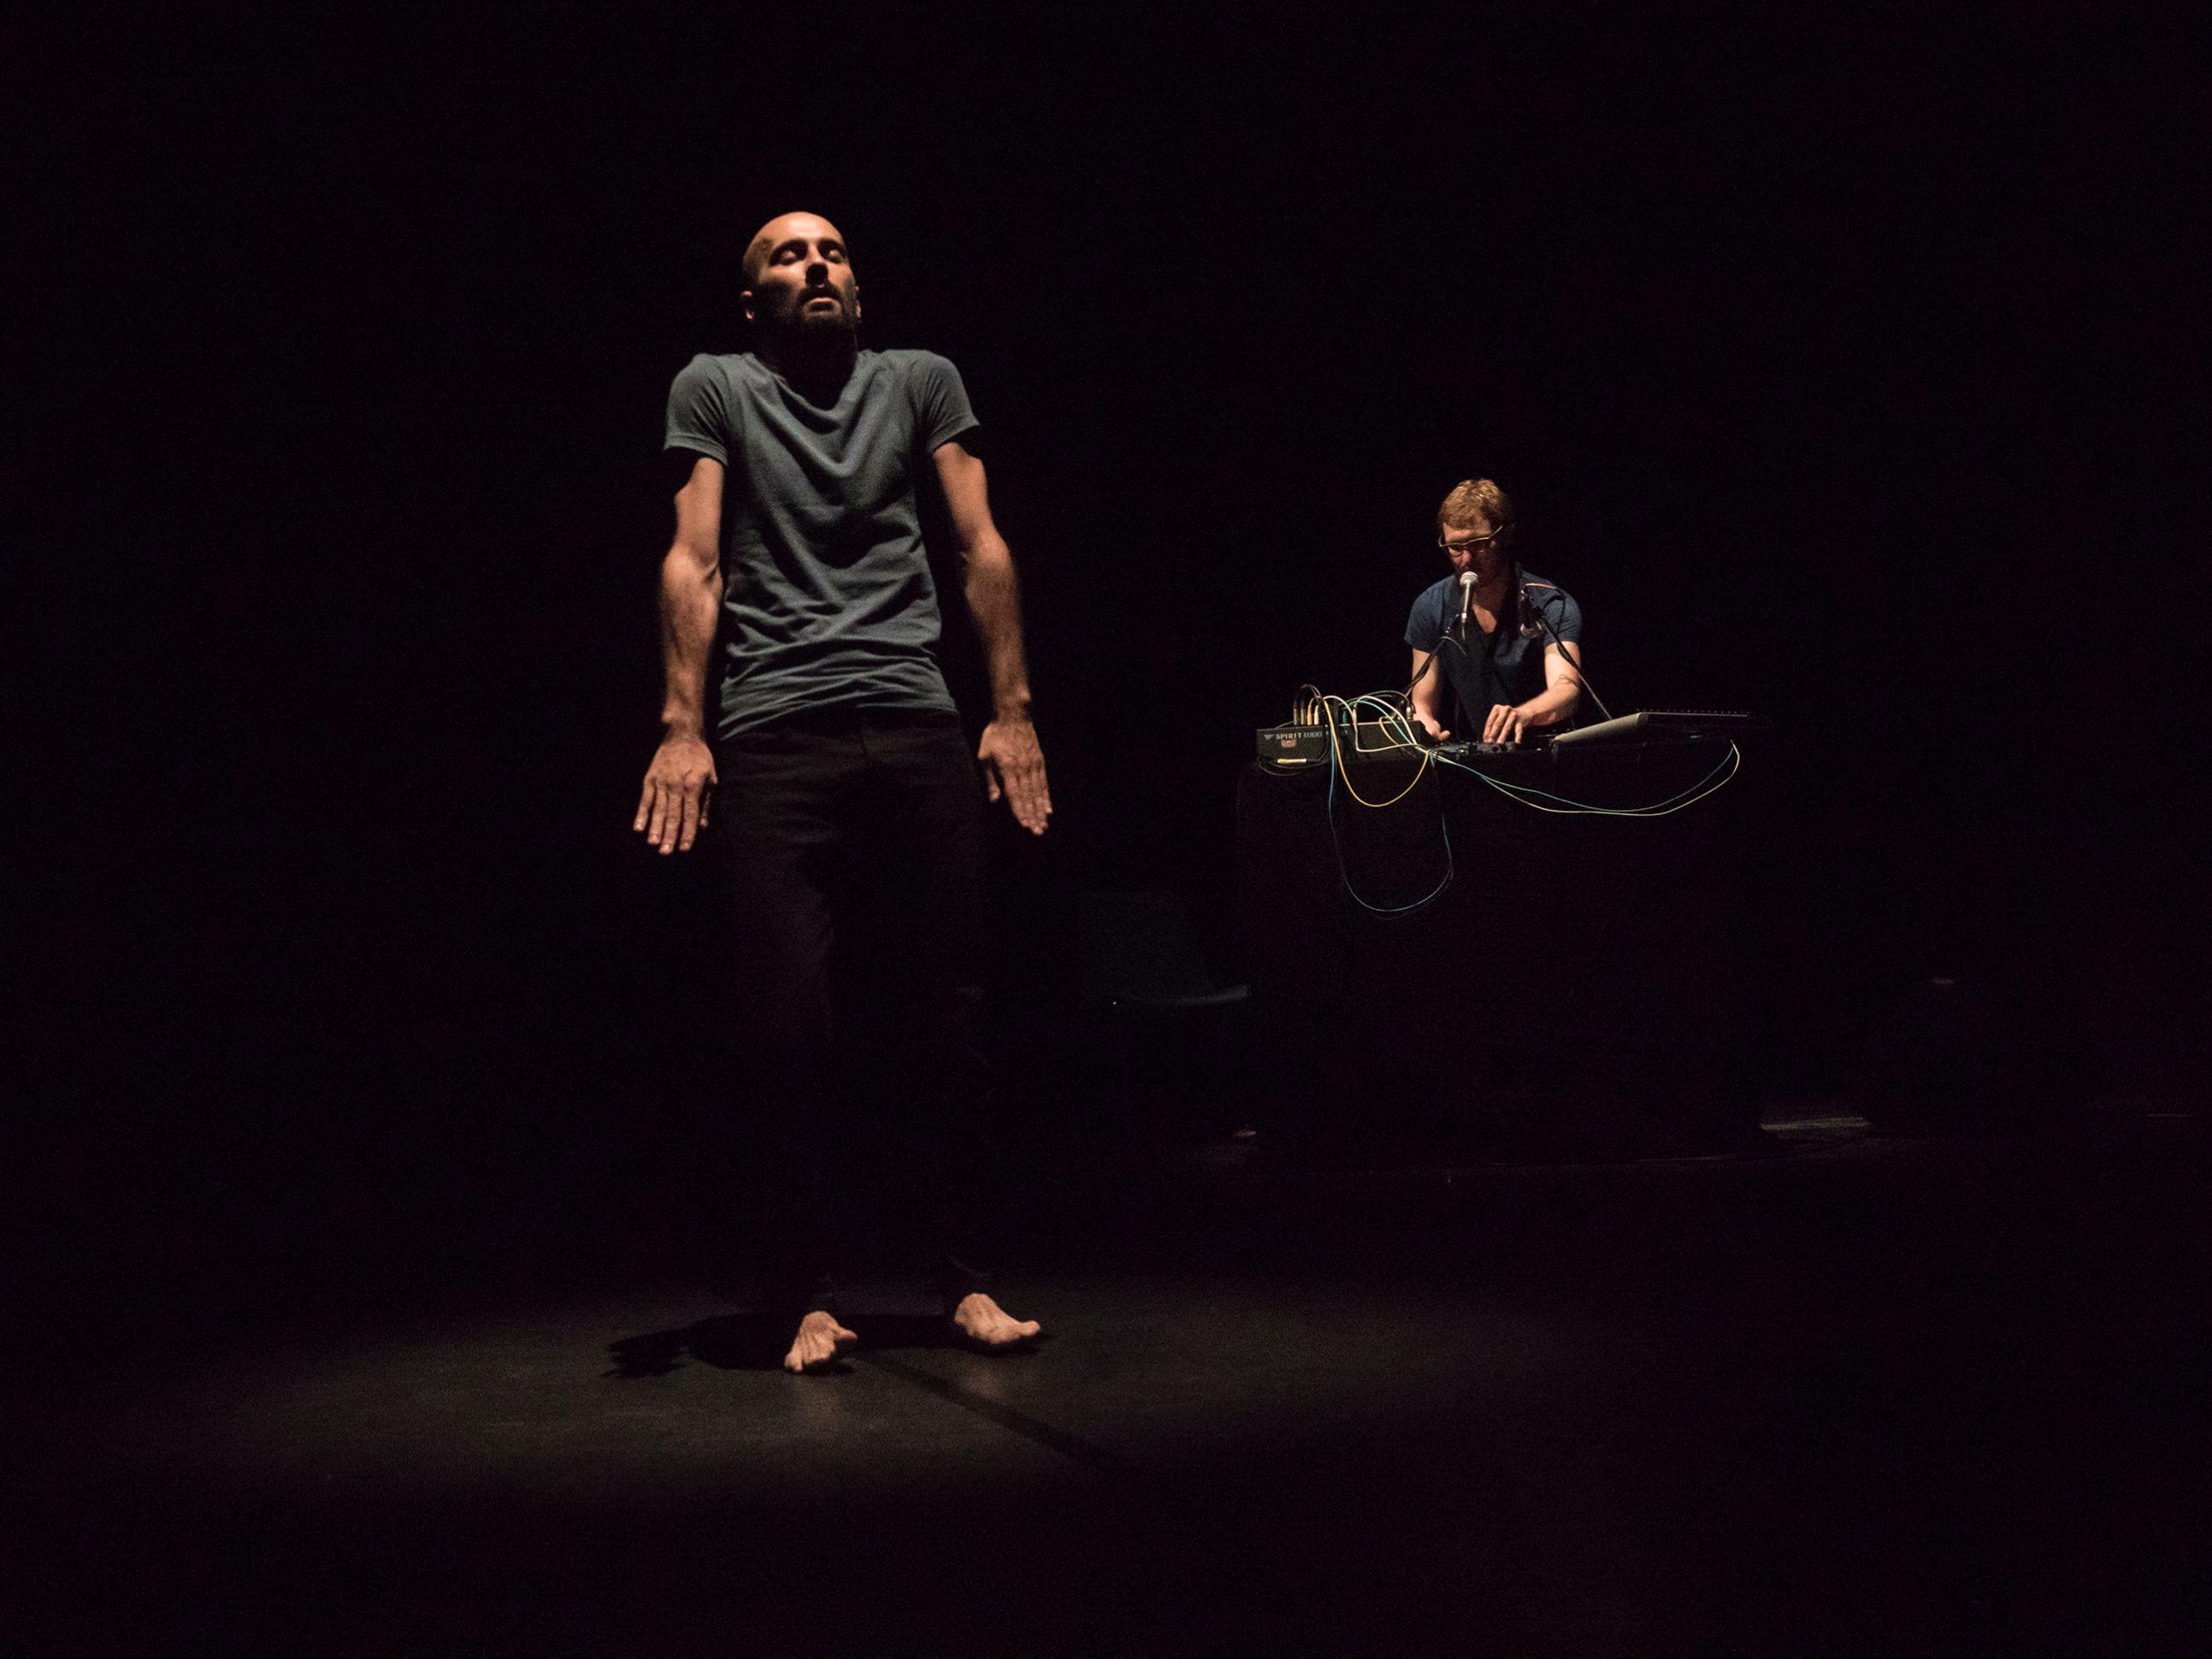 Daniele Ninarello & Dan Kinzelman Kudoku. Foto di scena ©Andrea Macchia